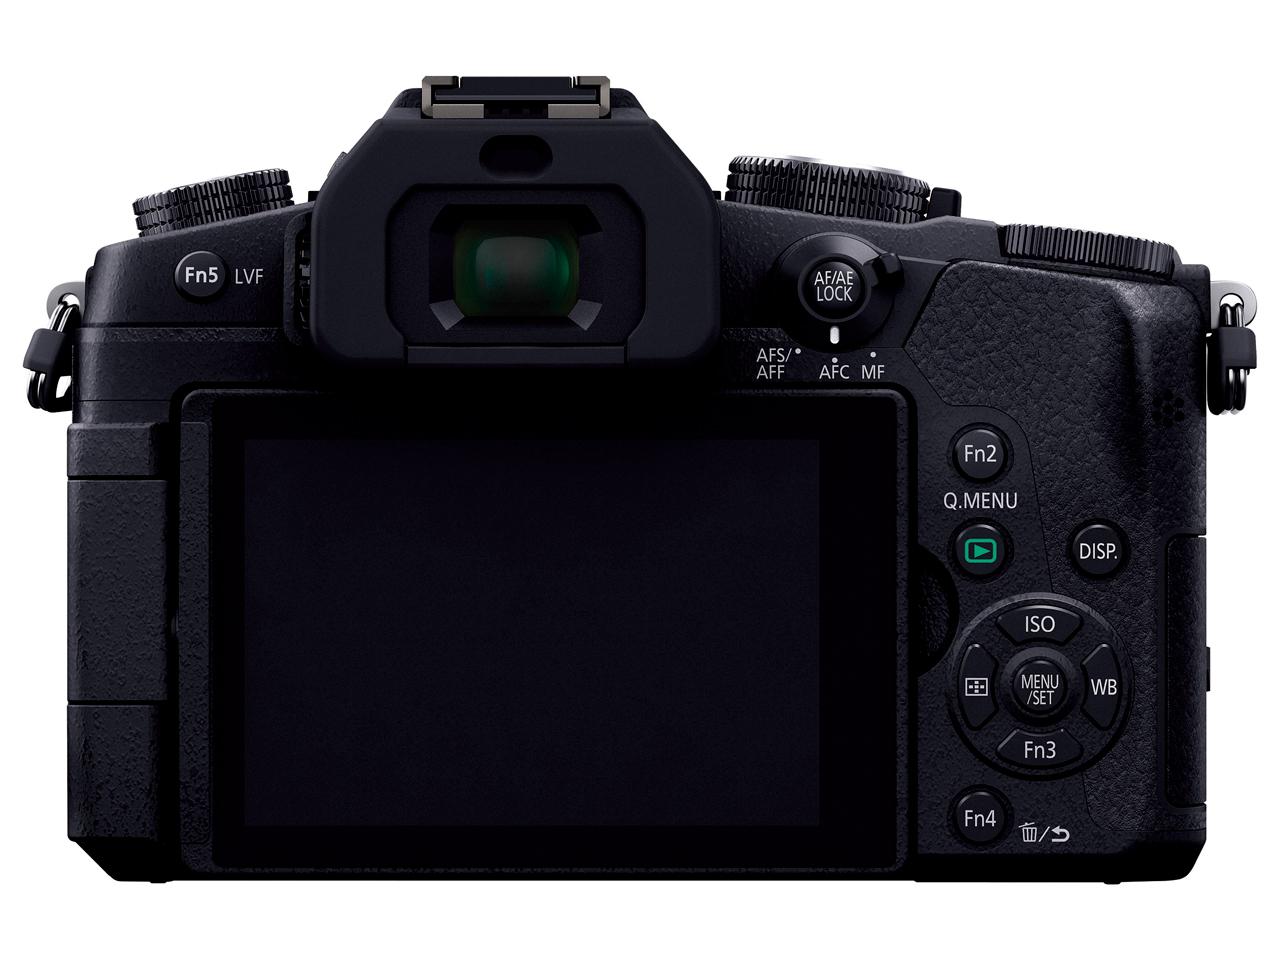 『本体 背面』 LUMIX DMC-G8 ボディ の製品画像